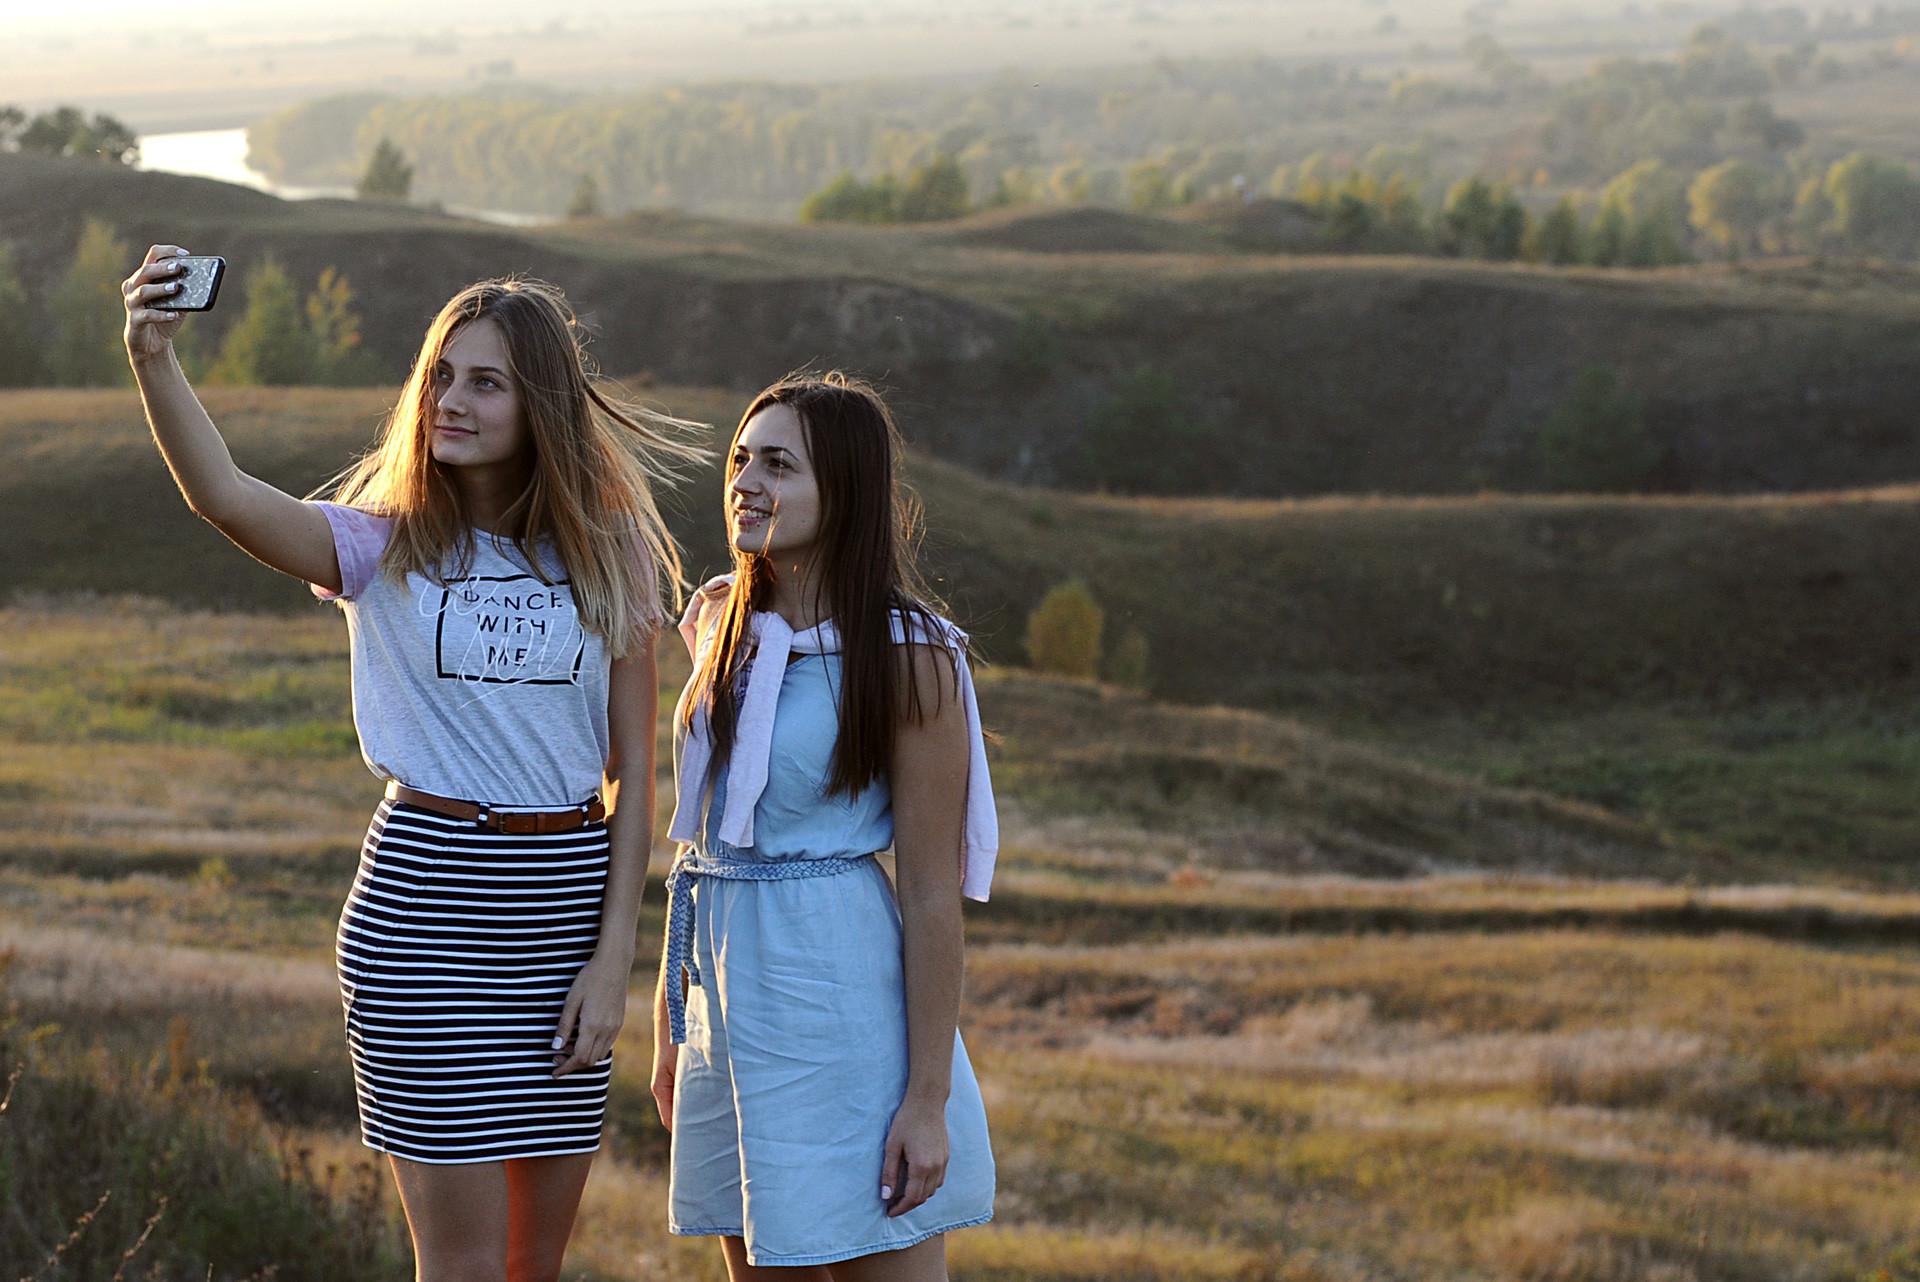 Момичета си правят селфи пред Държавния музей-резерват